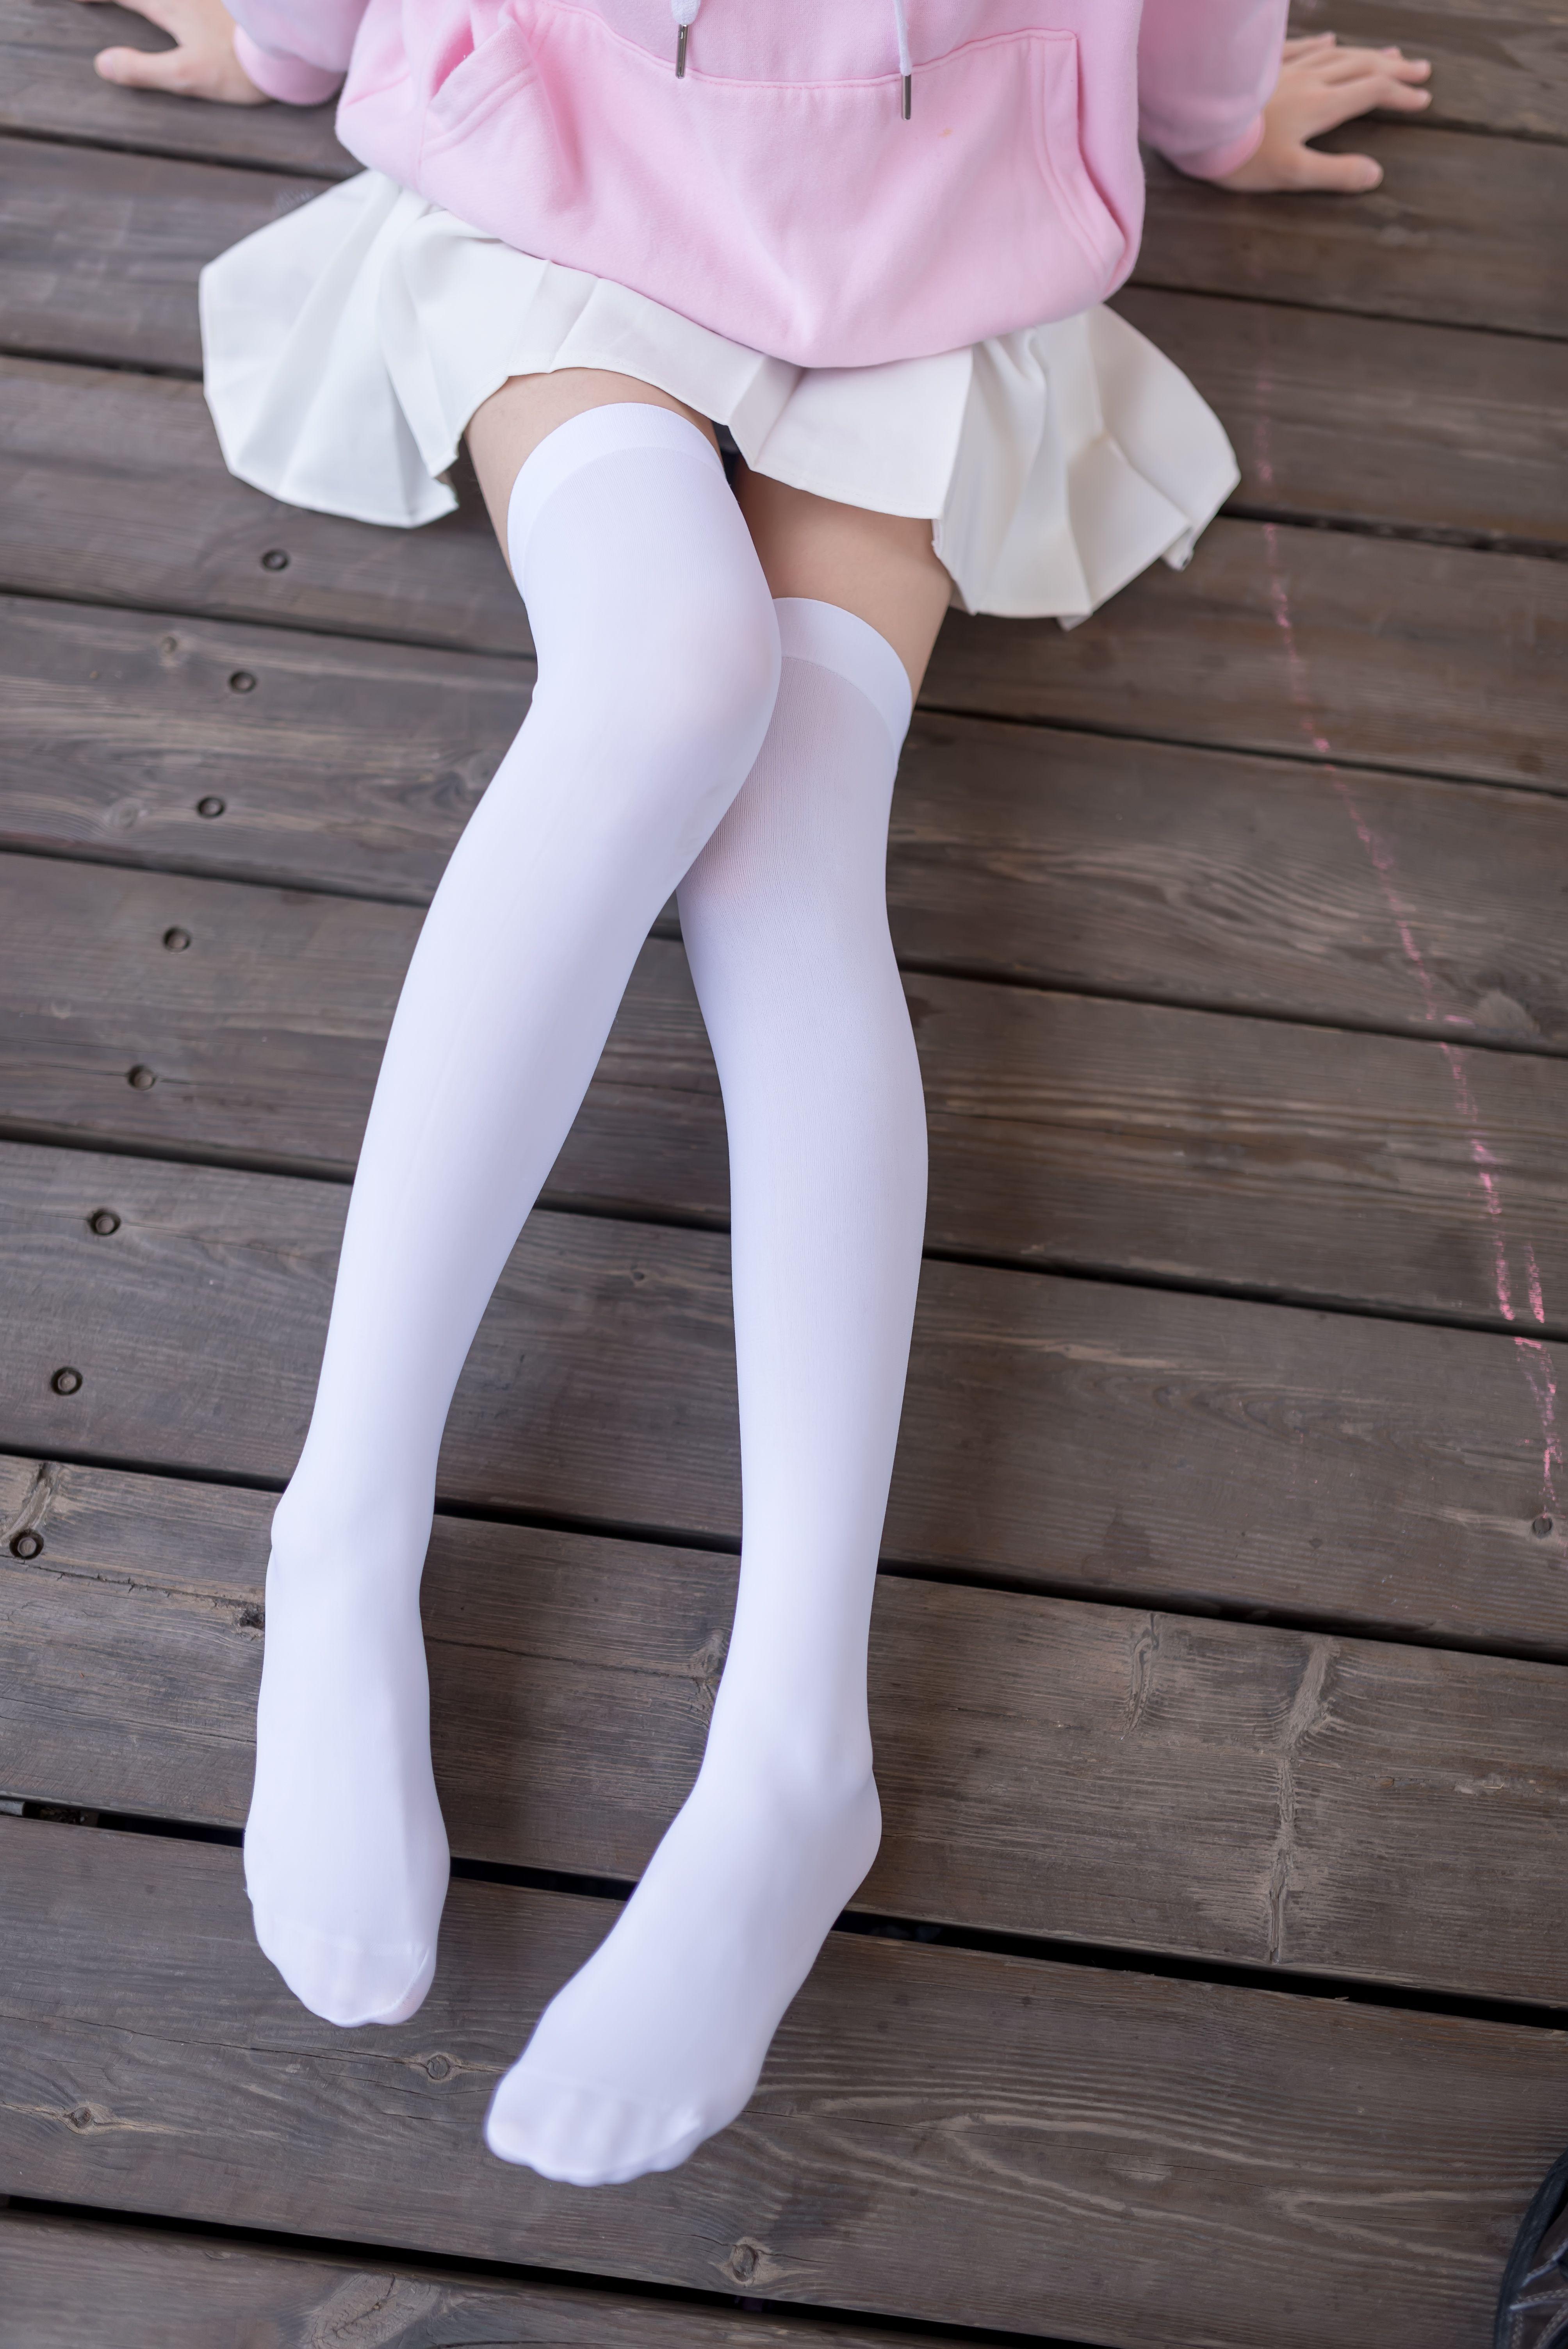 【风之领域】风之领域写真 NO.001 白丝超短裙 [49P/310MB] 风之领域 第1张